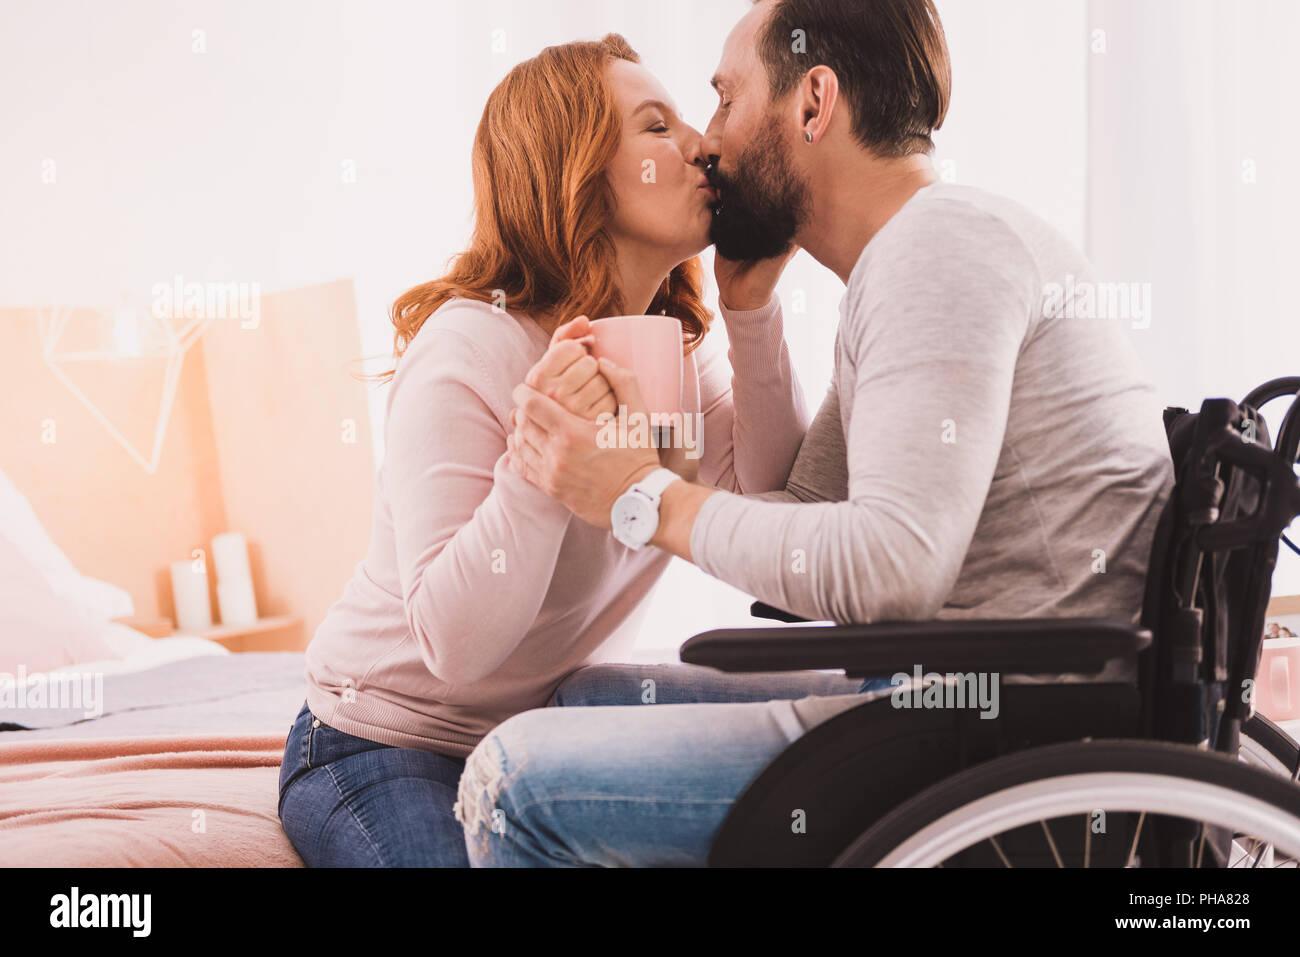 Mitte der gealterte Liebespaar küssend zu Hause Stockbild